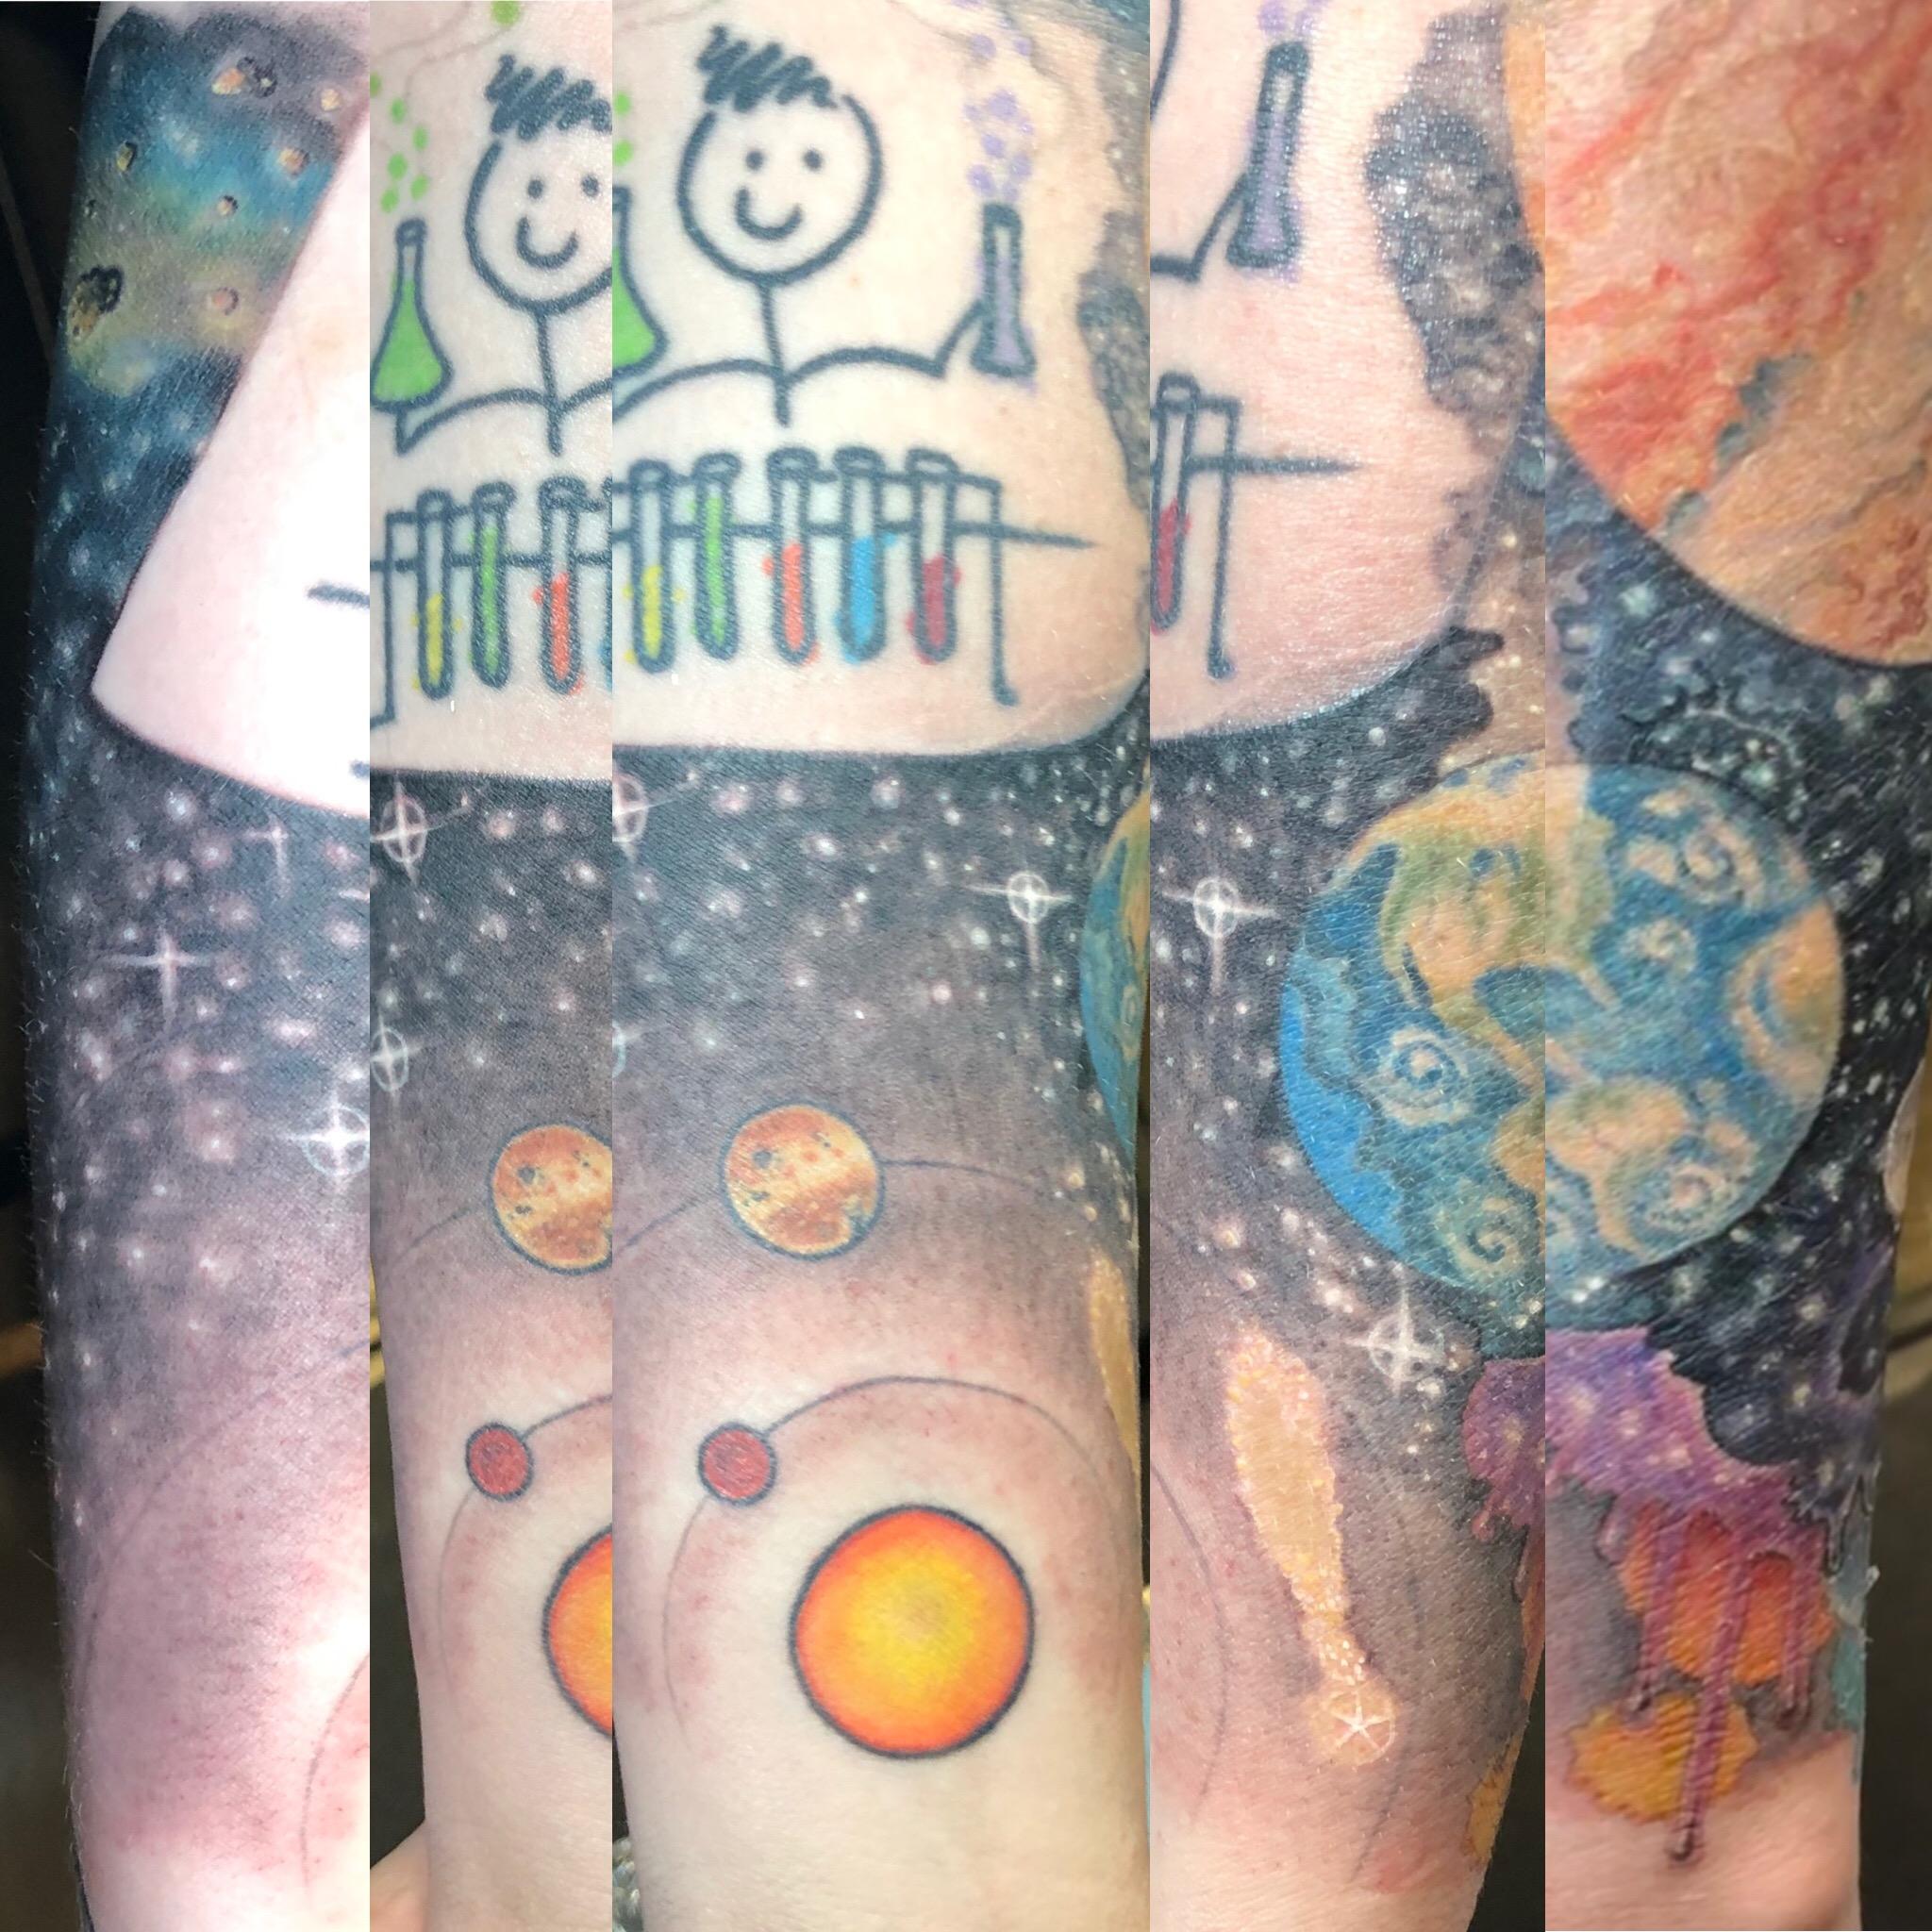 Space Sleeve detail